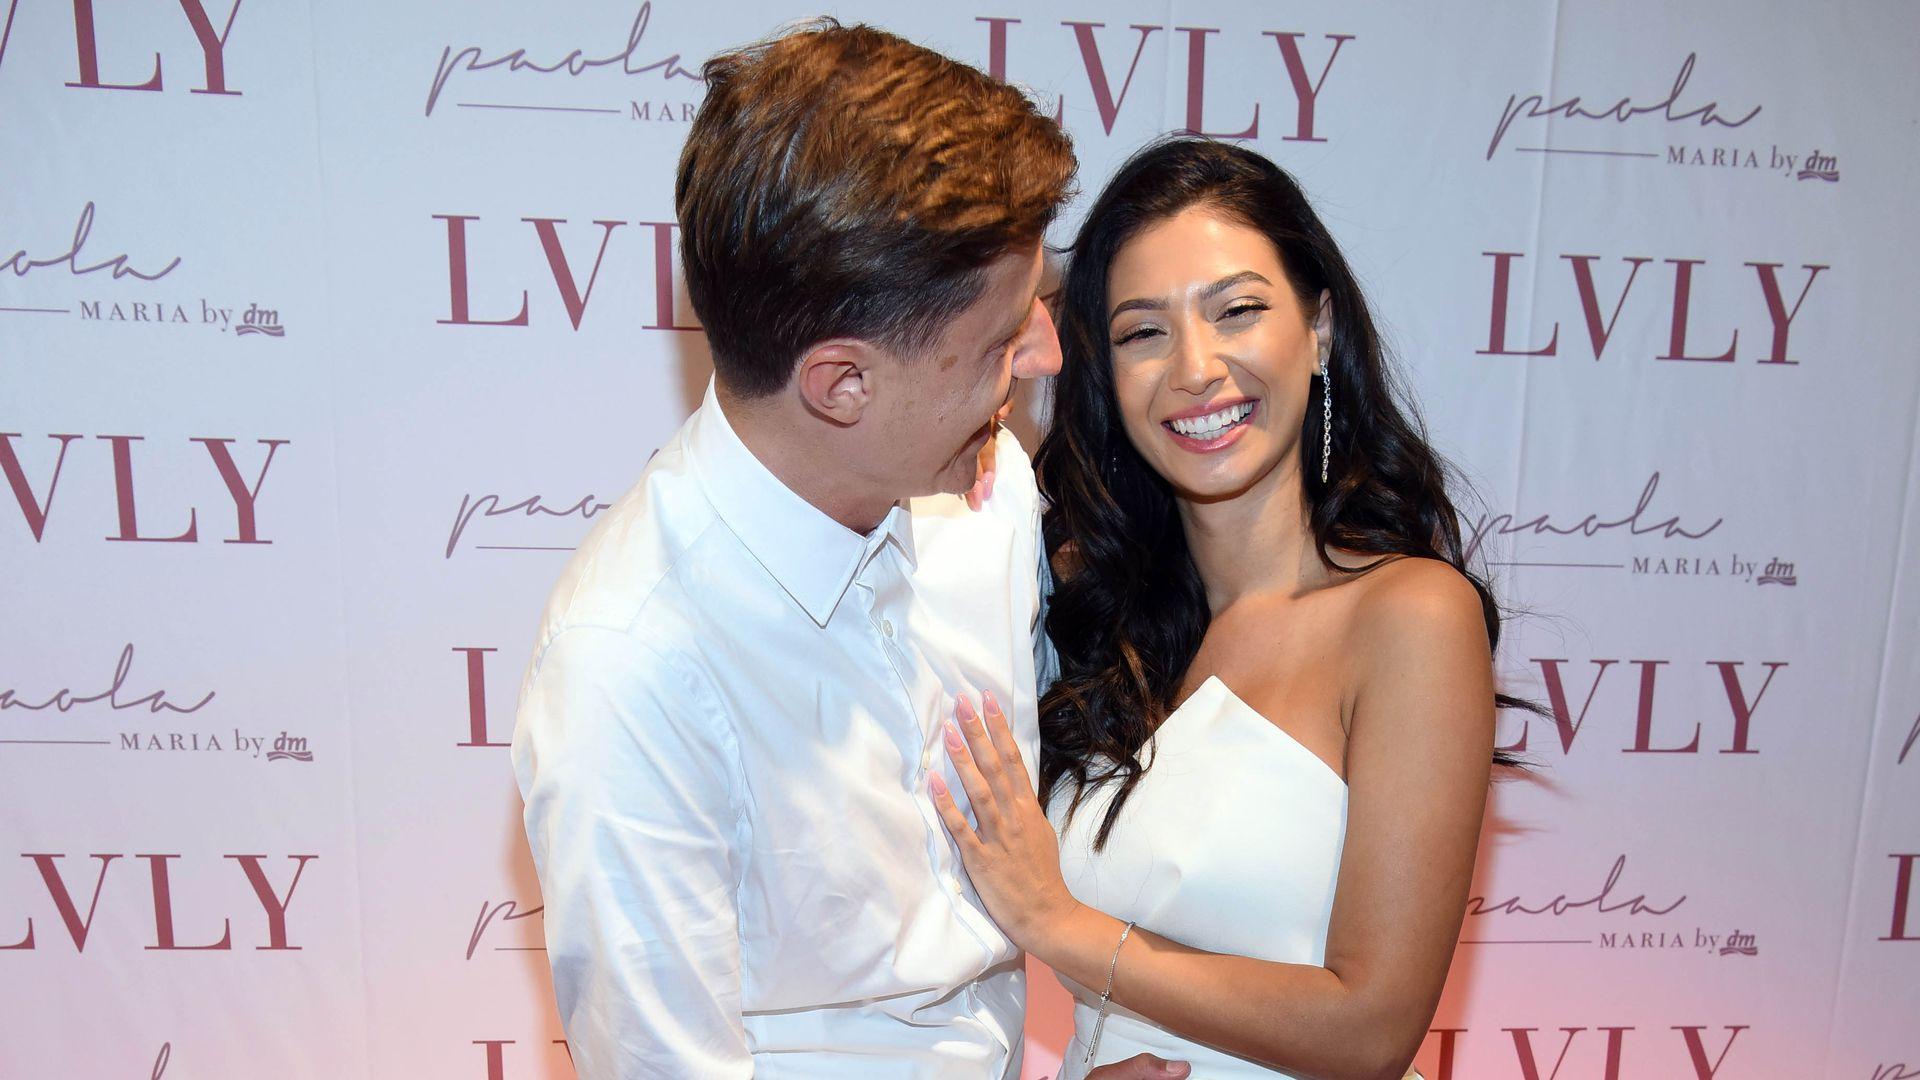 Wegen Schwangerschaft Paola Maria kann Ehering nicht tragen  Promiflashde